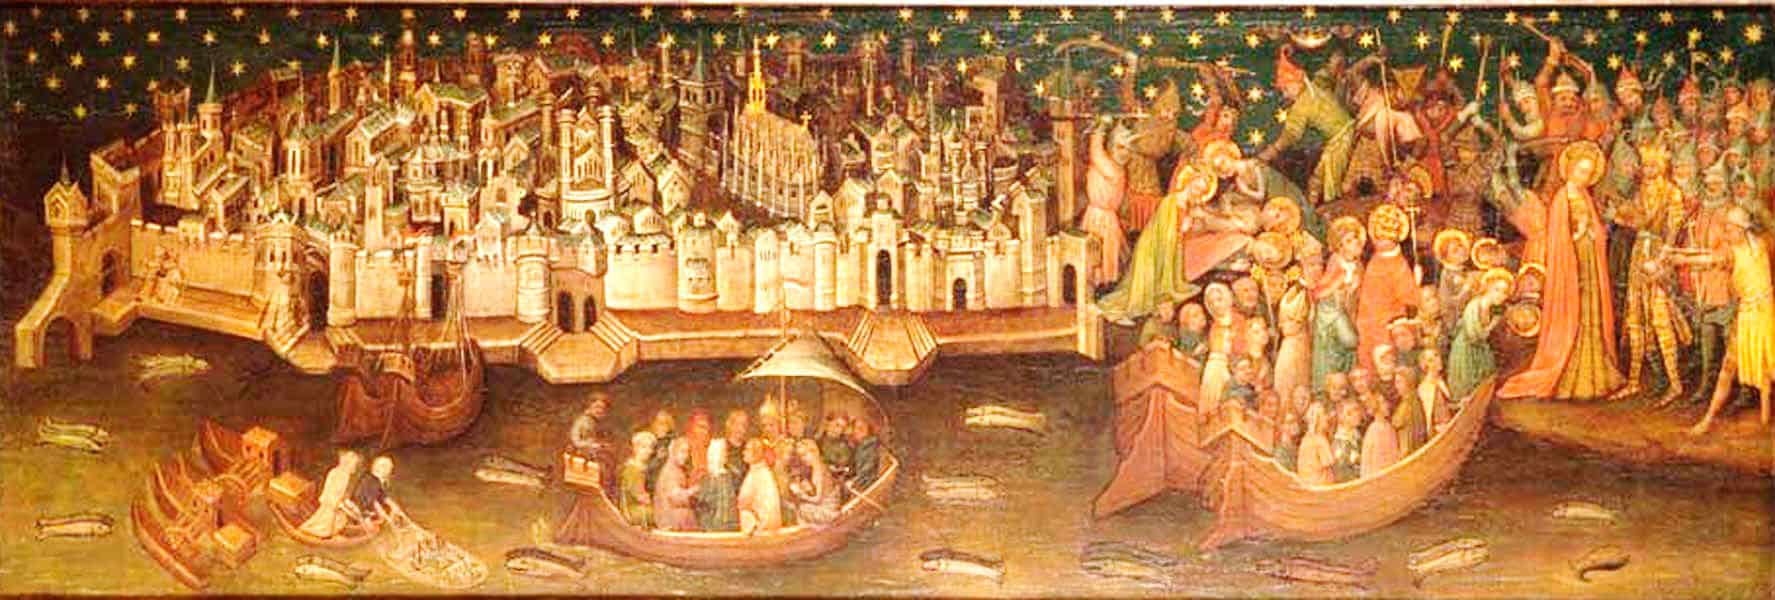 Мученичество Святой Урсулы на фоне Кёльна